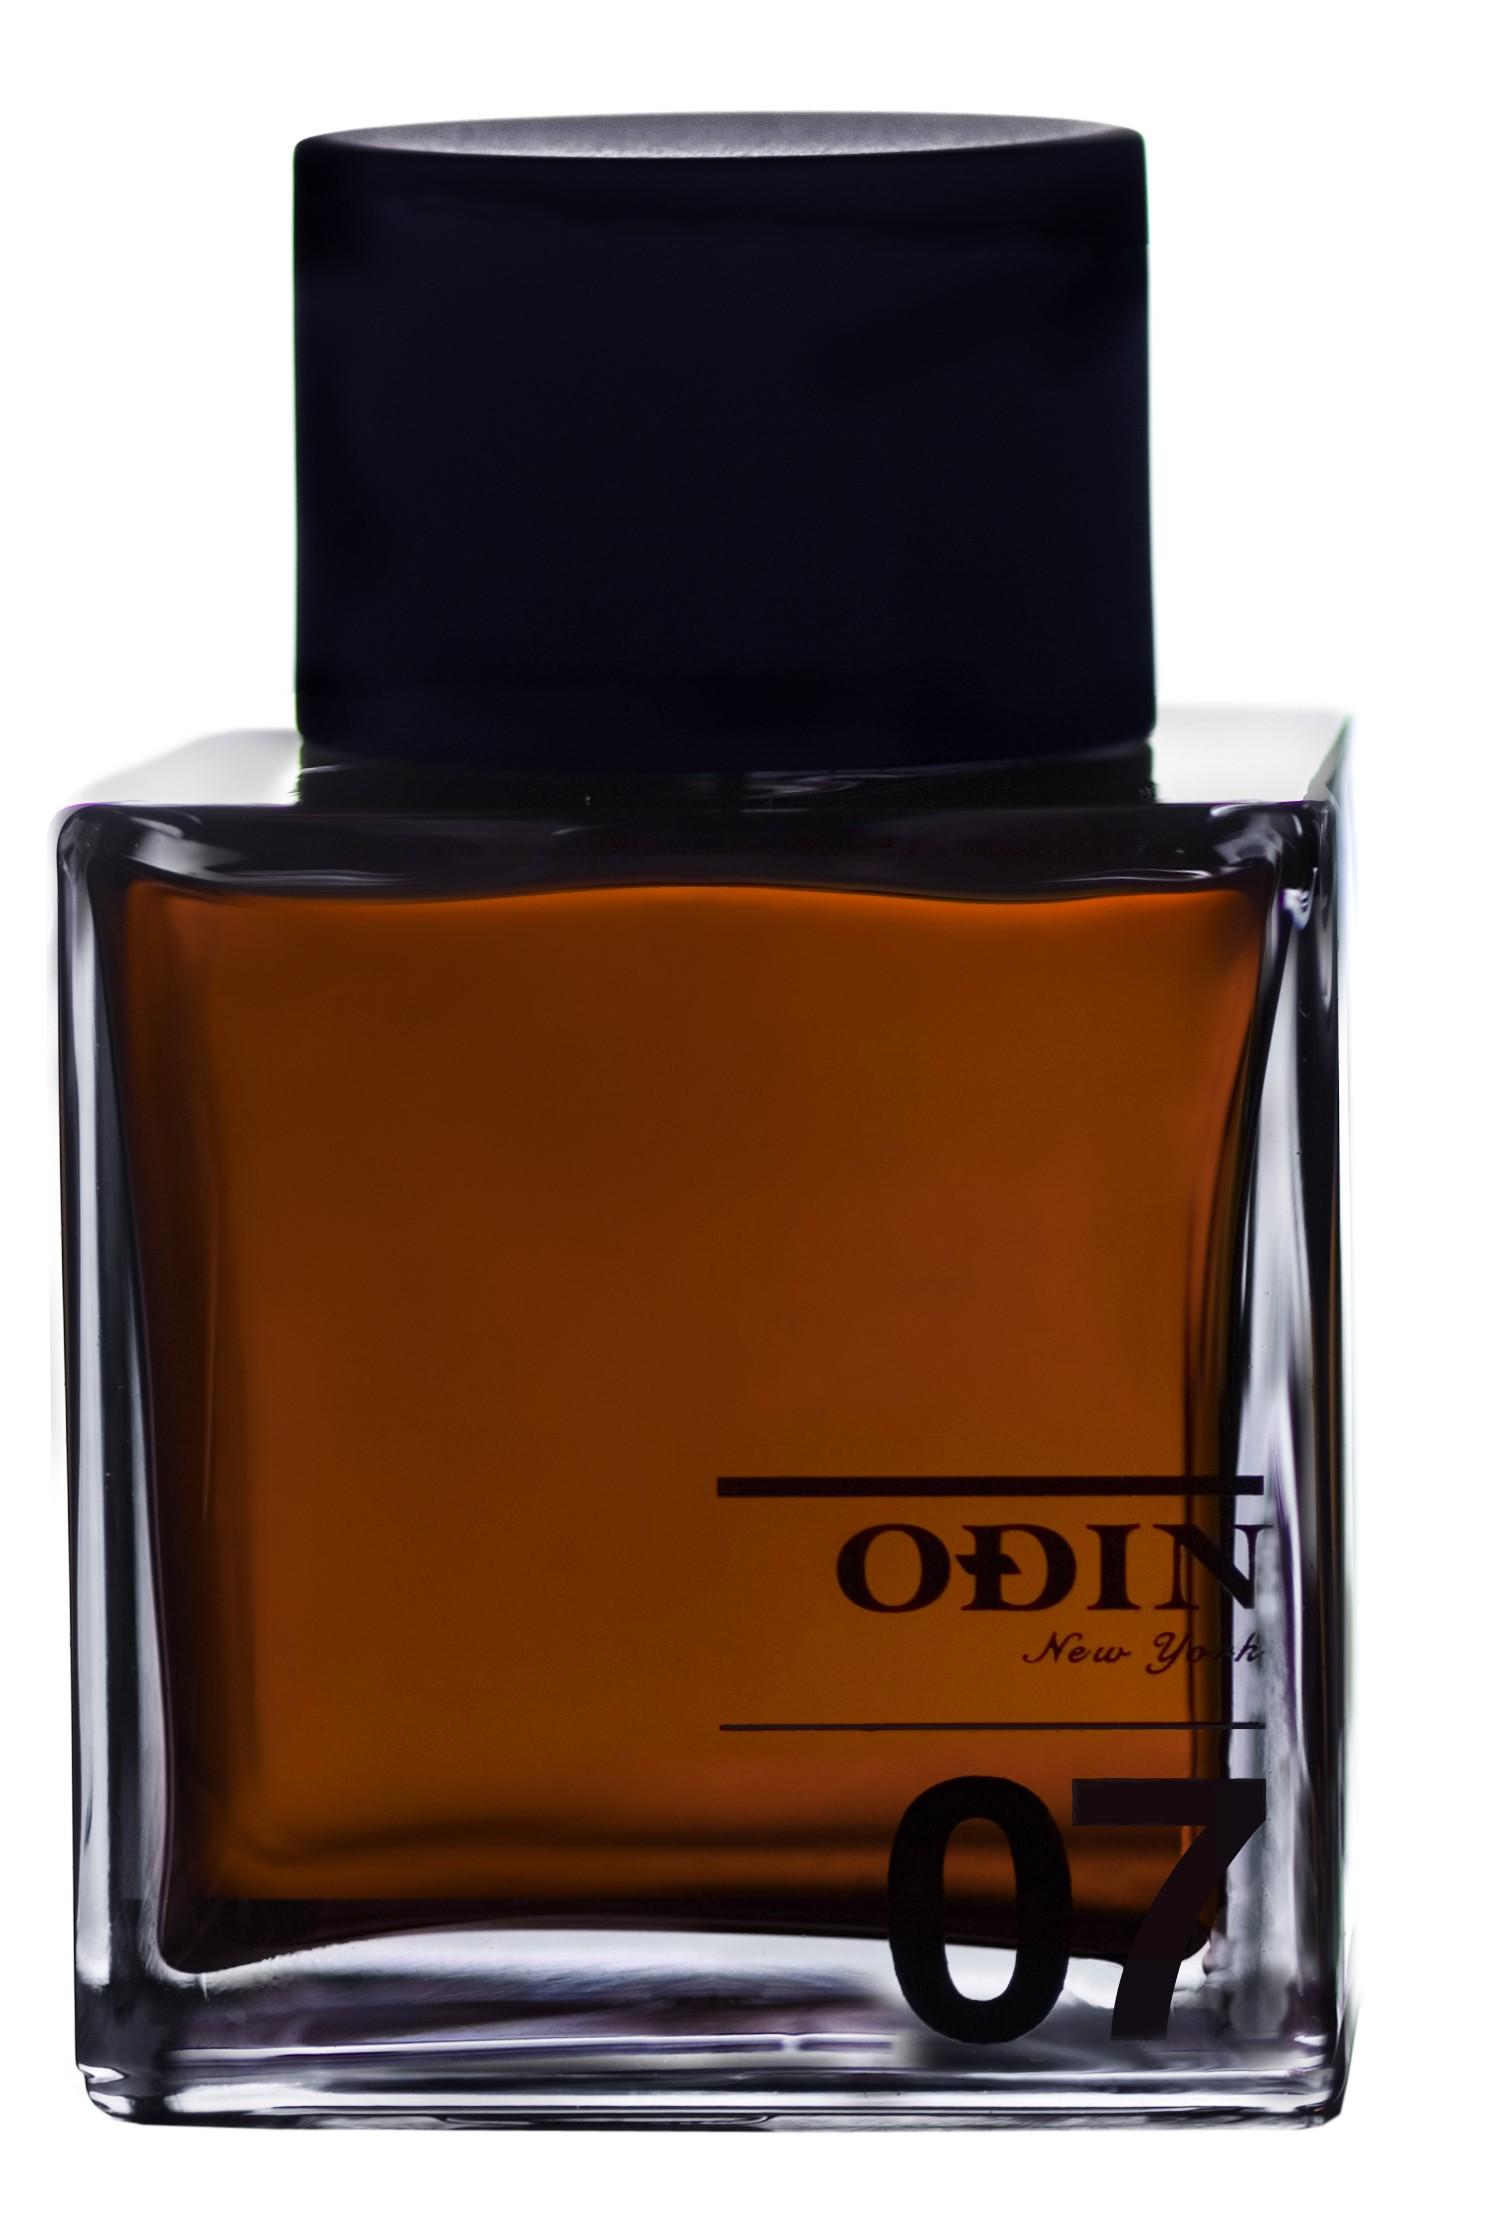 Odin New York 07 Tanoke аромат для мужчин и женщин